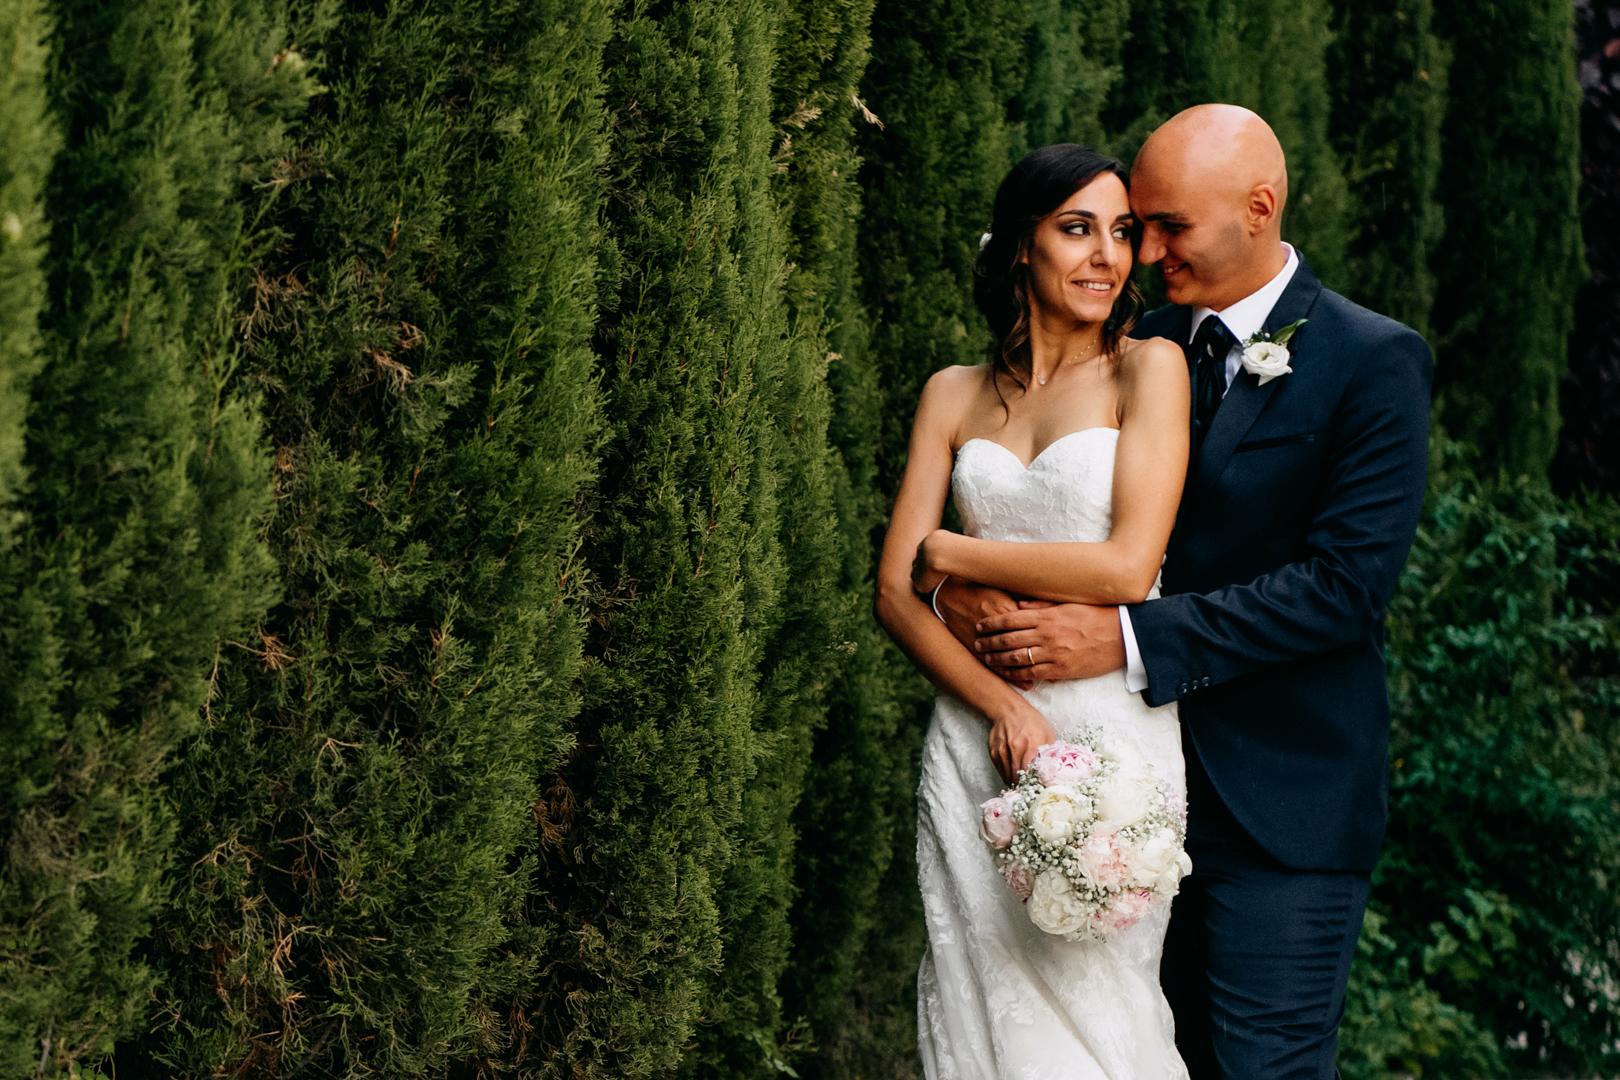 39 gianni-lepore-sala-ricevimento-foggia-matrimonio